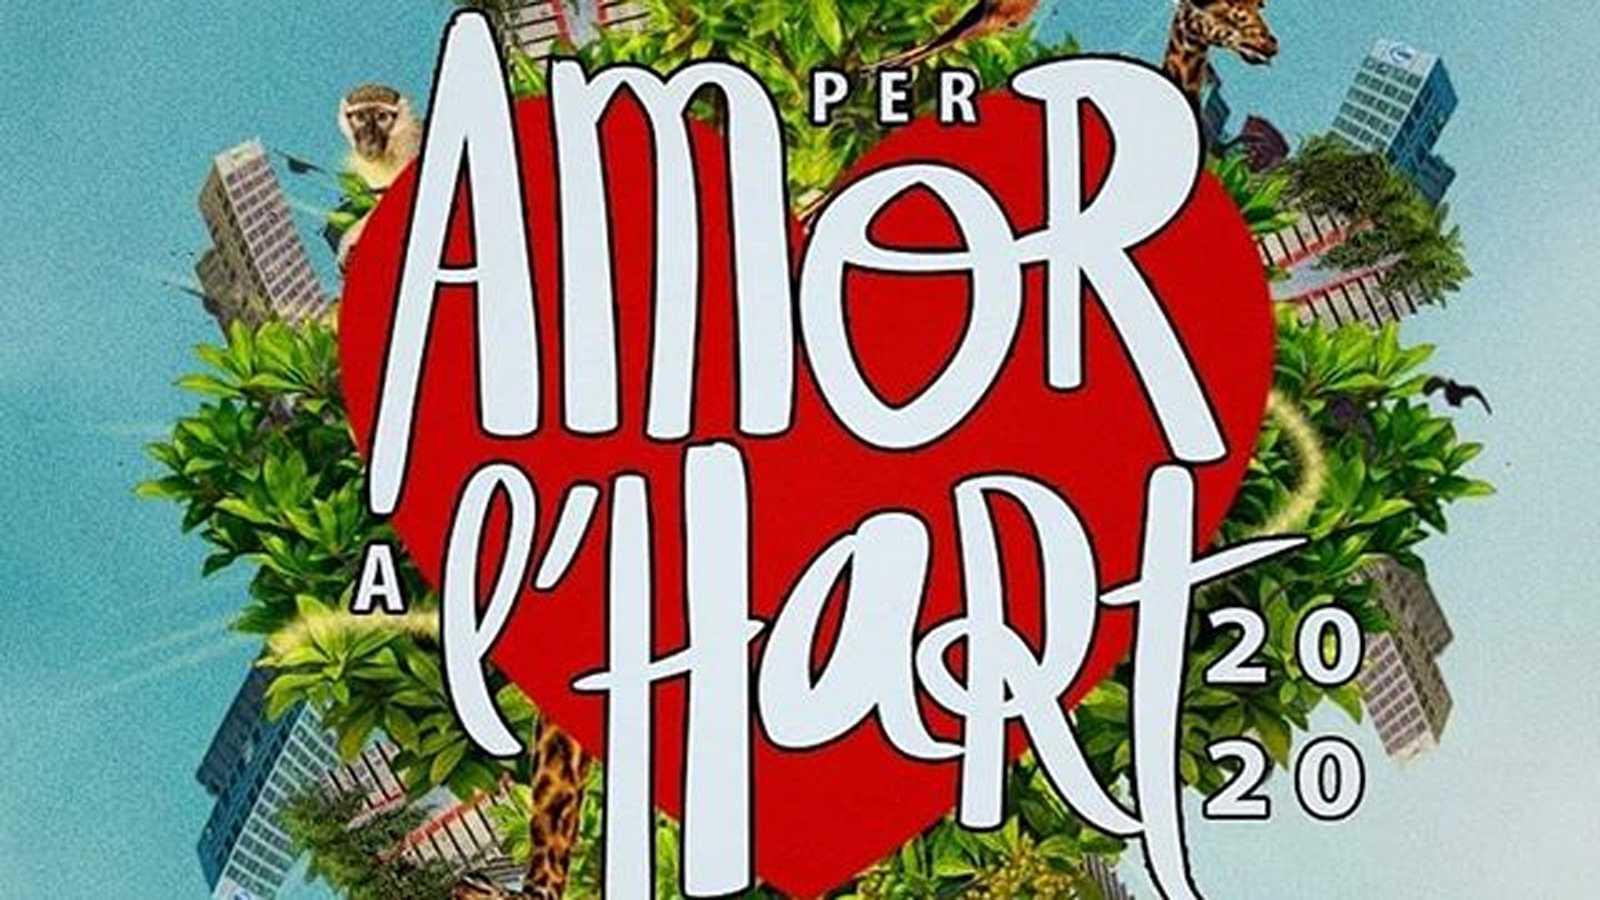 Artesfera - Llega el Festival Per Amor a L'Hart de artes de calle - 04/09/20 - escuchar ahora